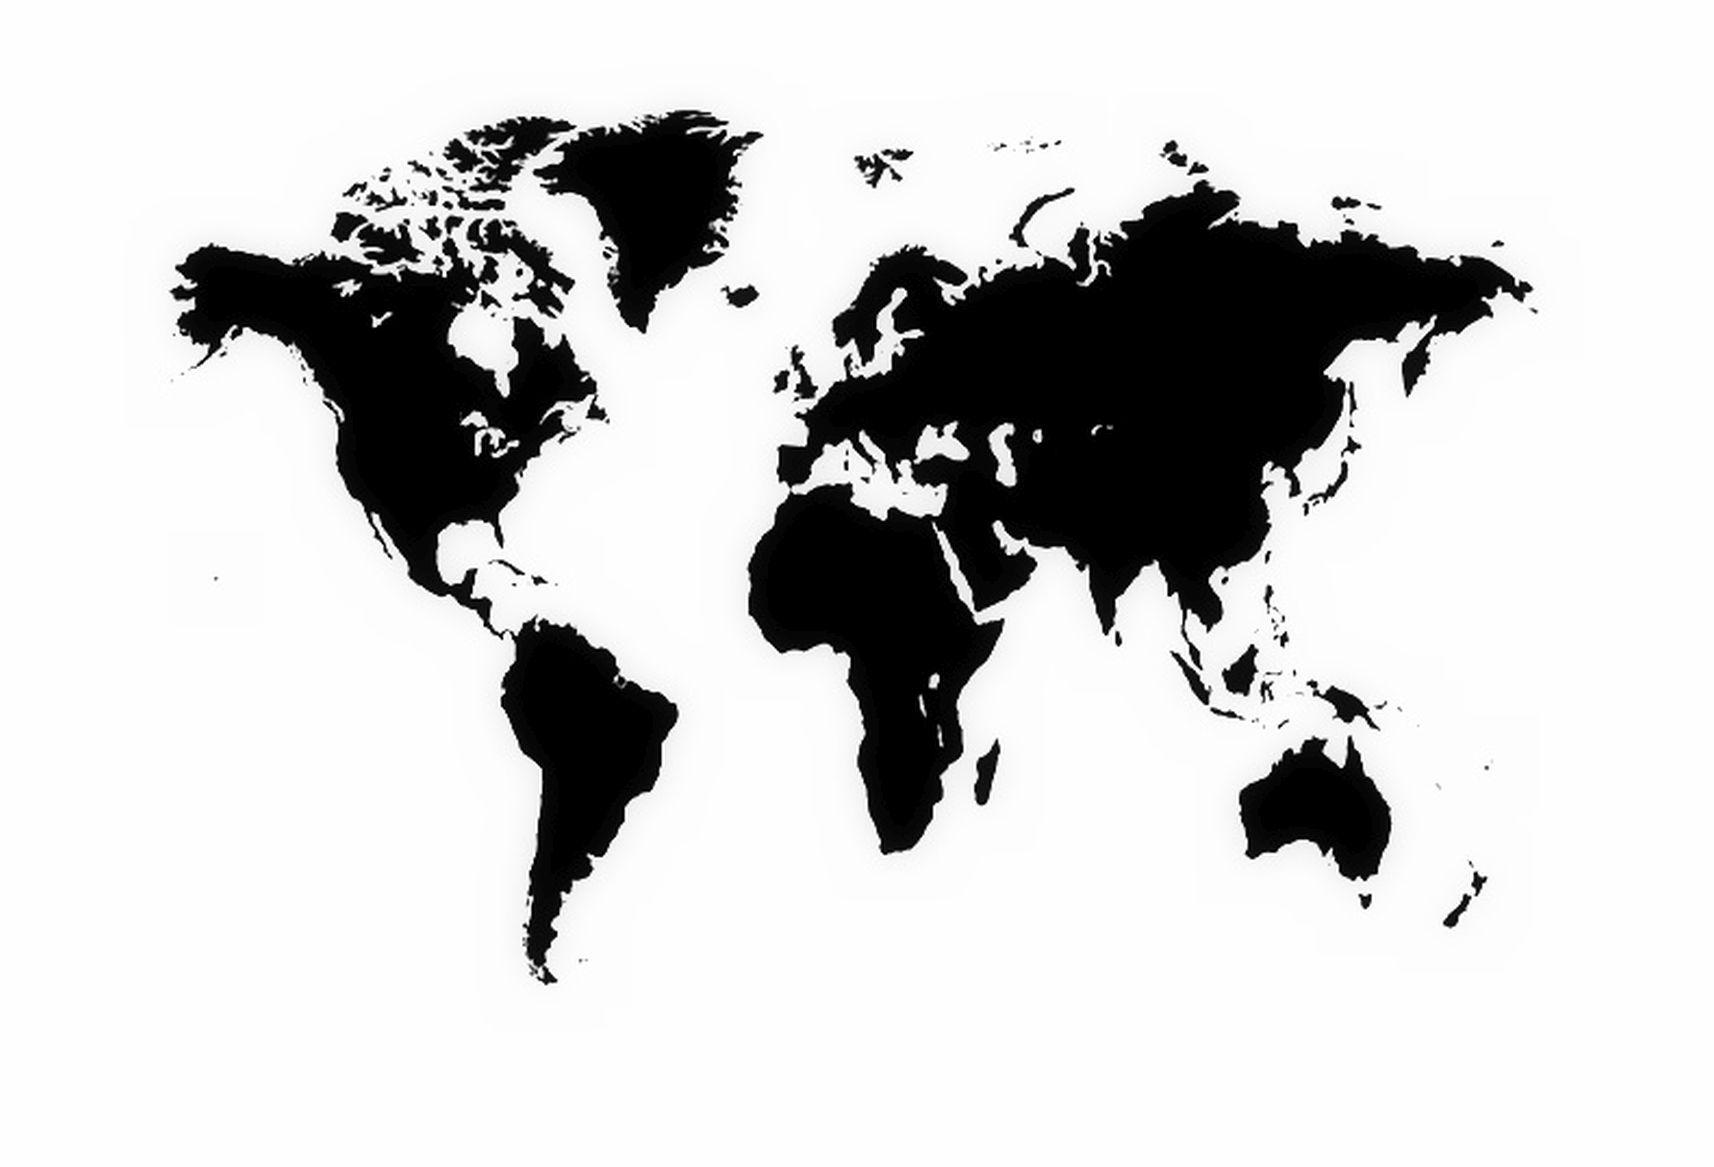 Wysyłka do każdego miejsca na świecie